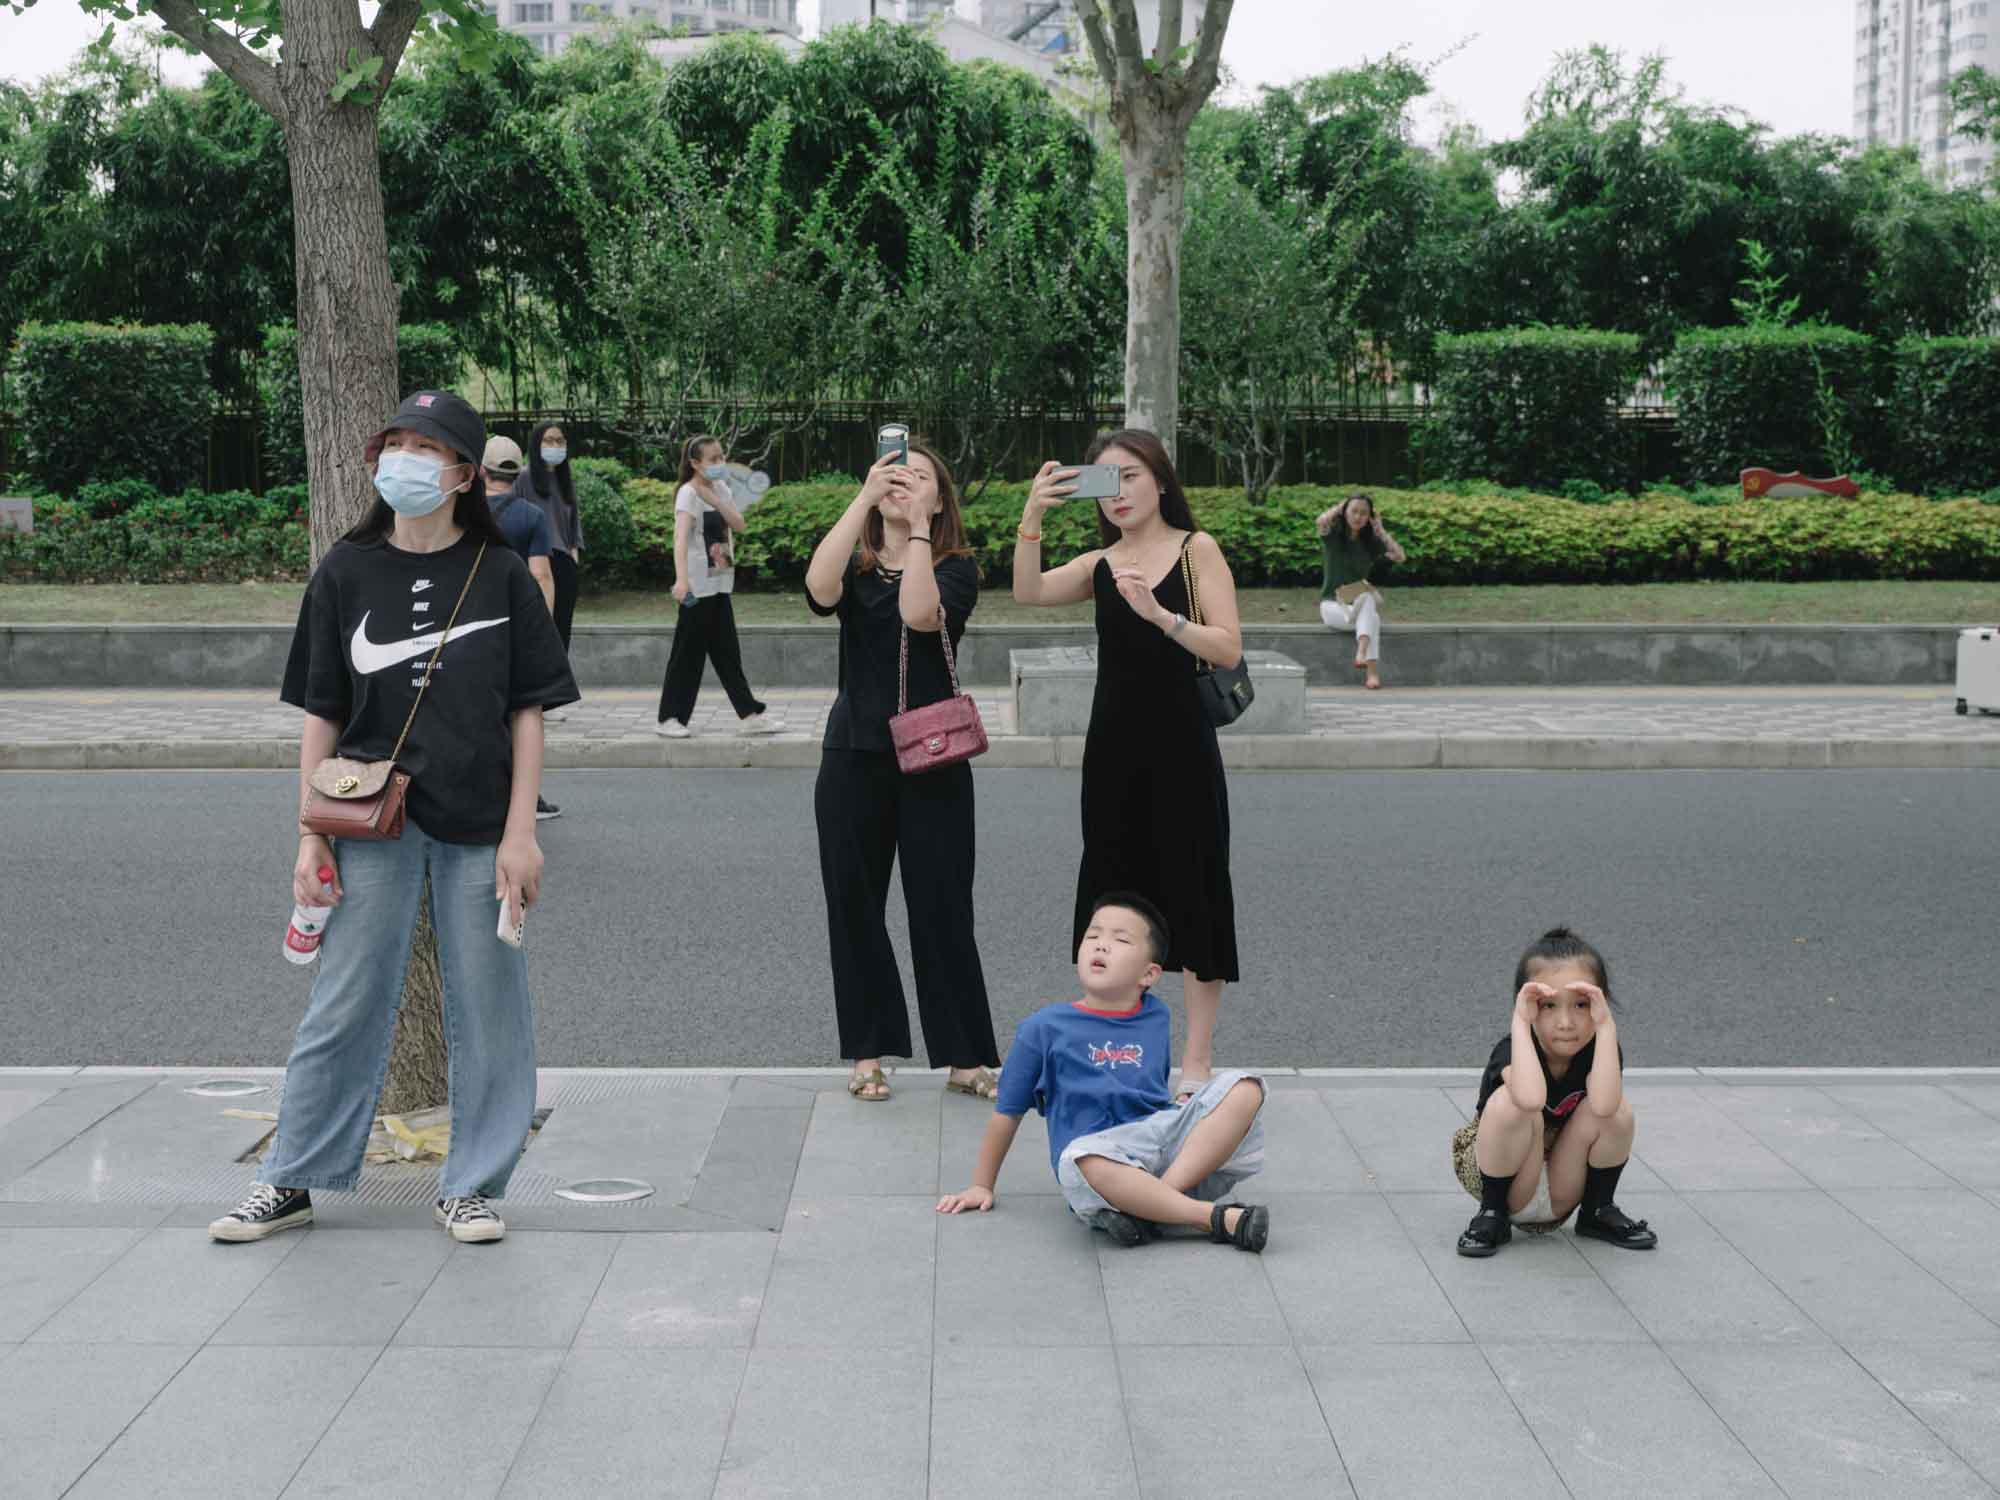 2020年9月,上海人行道上。本文图片除注明外均为 澎湃新闻记者 周平浪 图